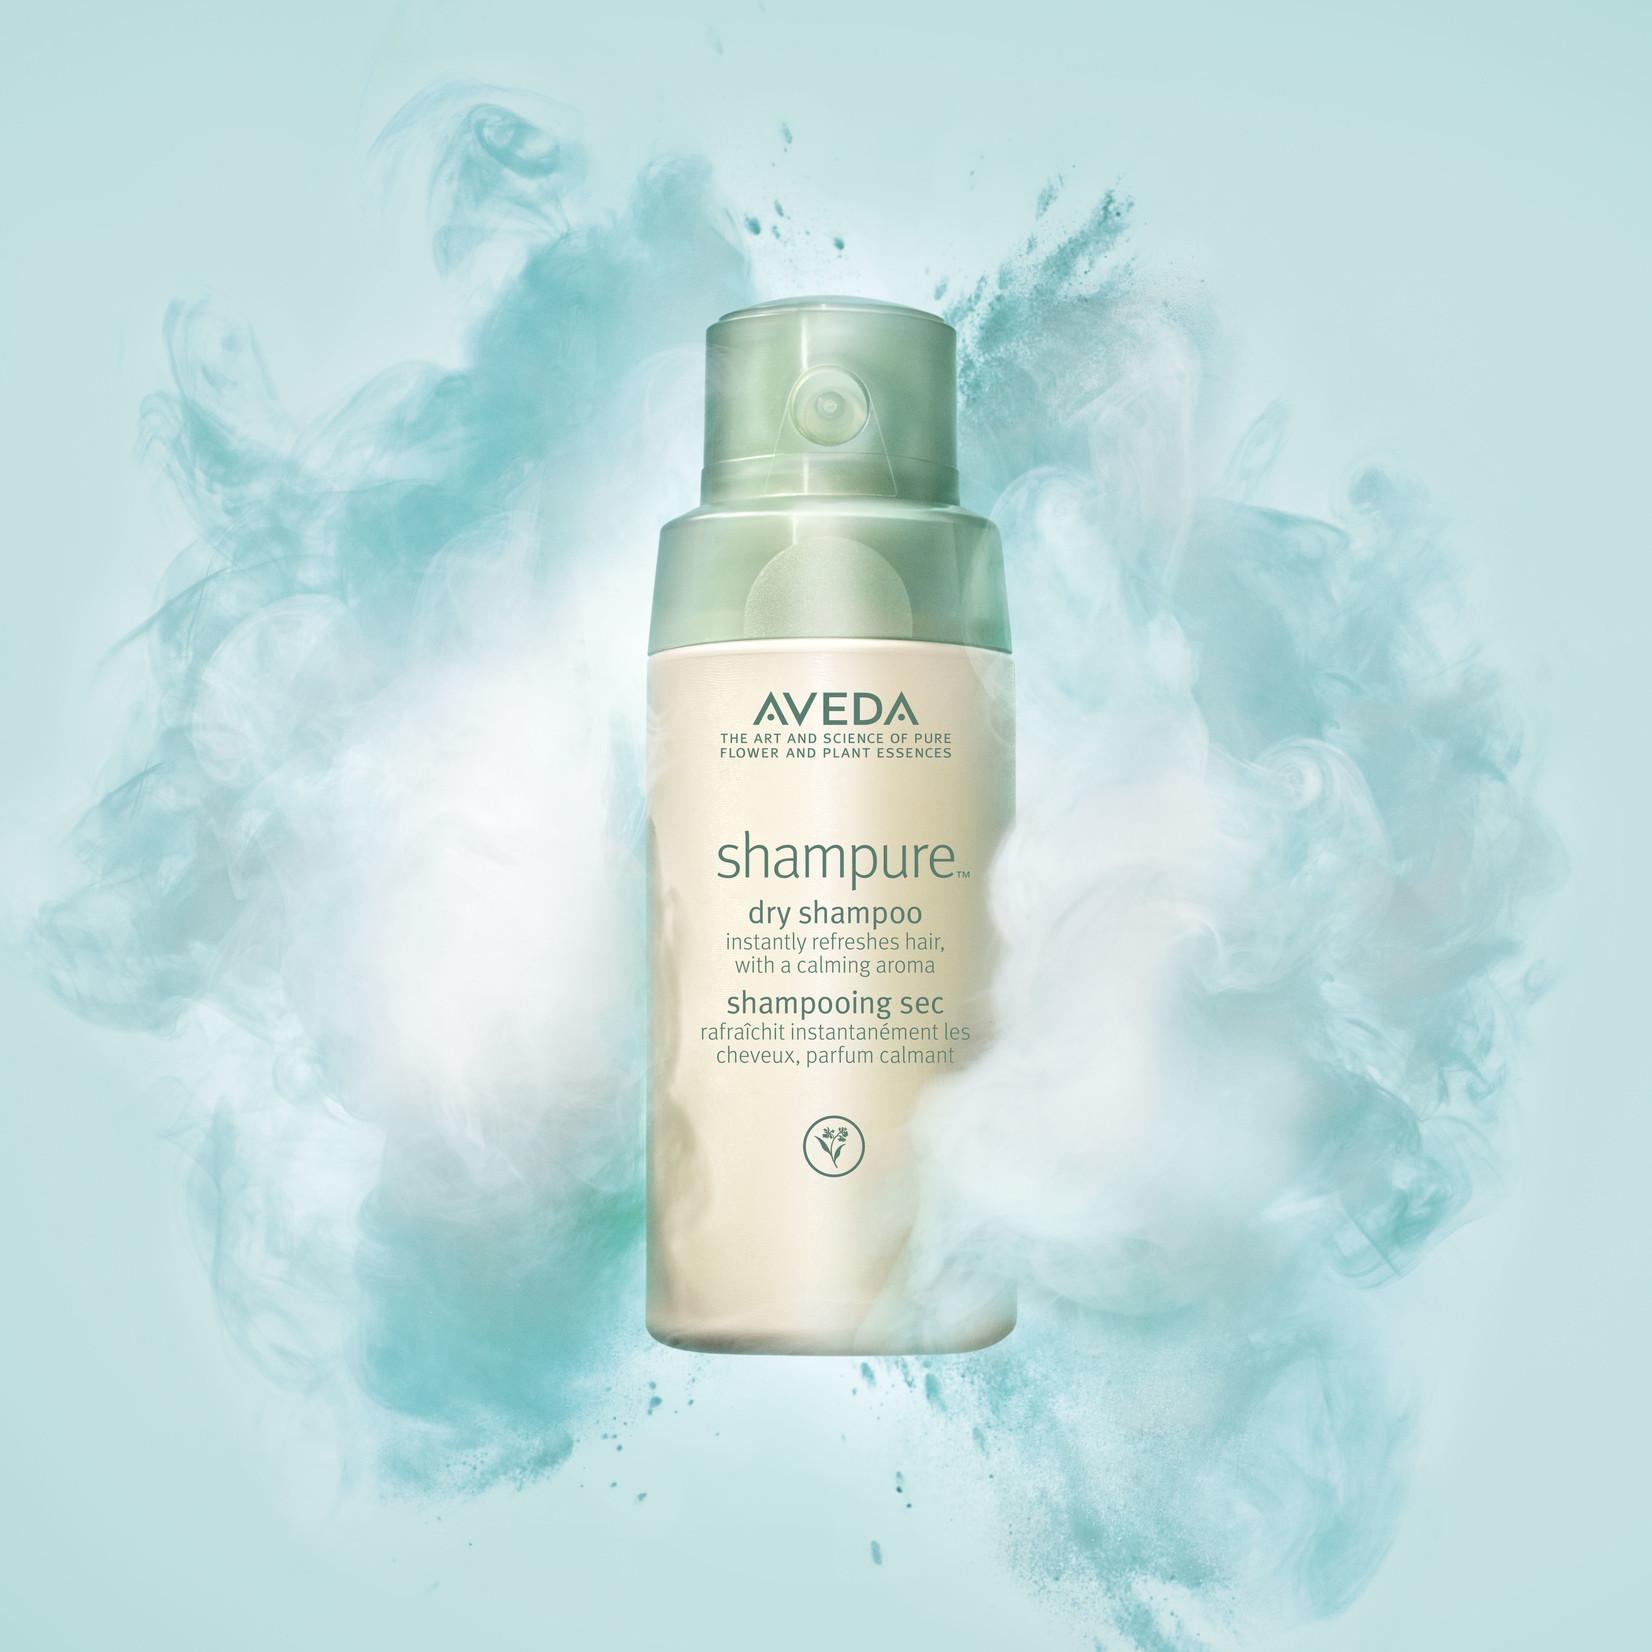 AVEDA Shampowder™ Dry Shampoo